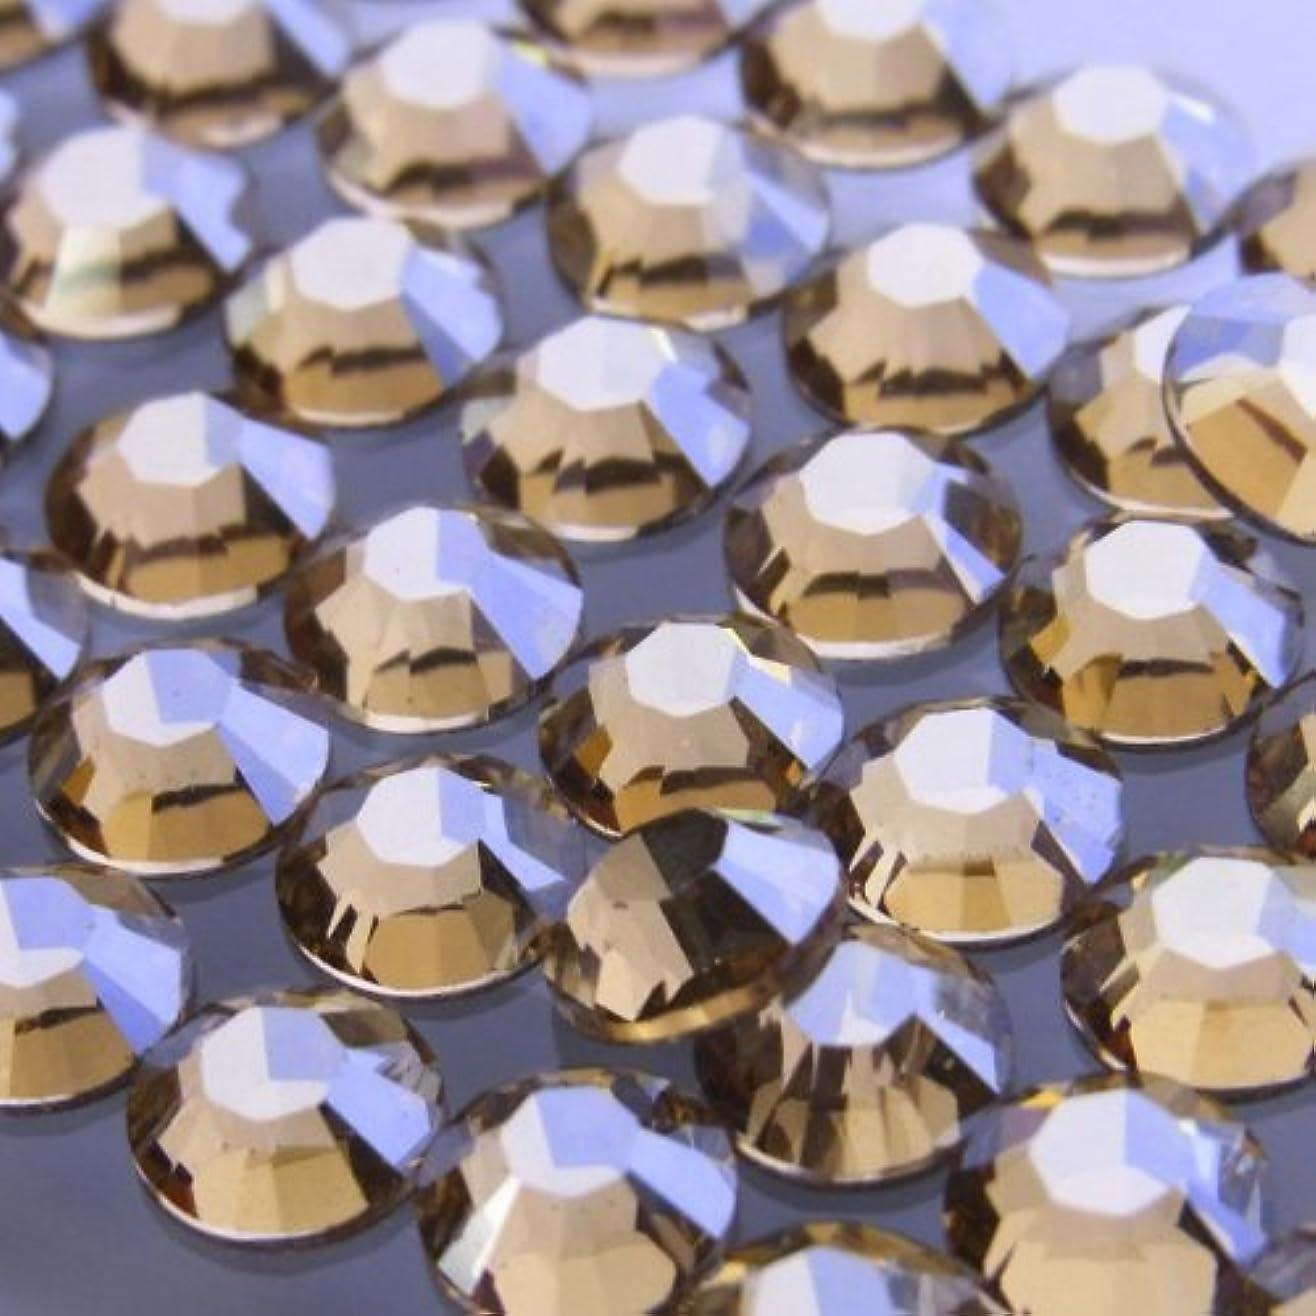 アイザックスペア降臨2058クリスタルゴールデンシャドウss7(100粒入り)スワロフスキーラインストーン(nohotfix)